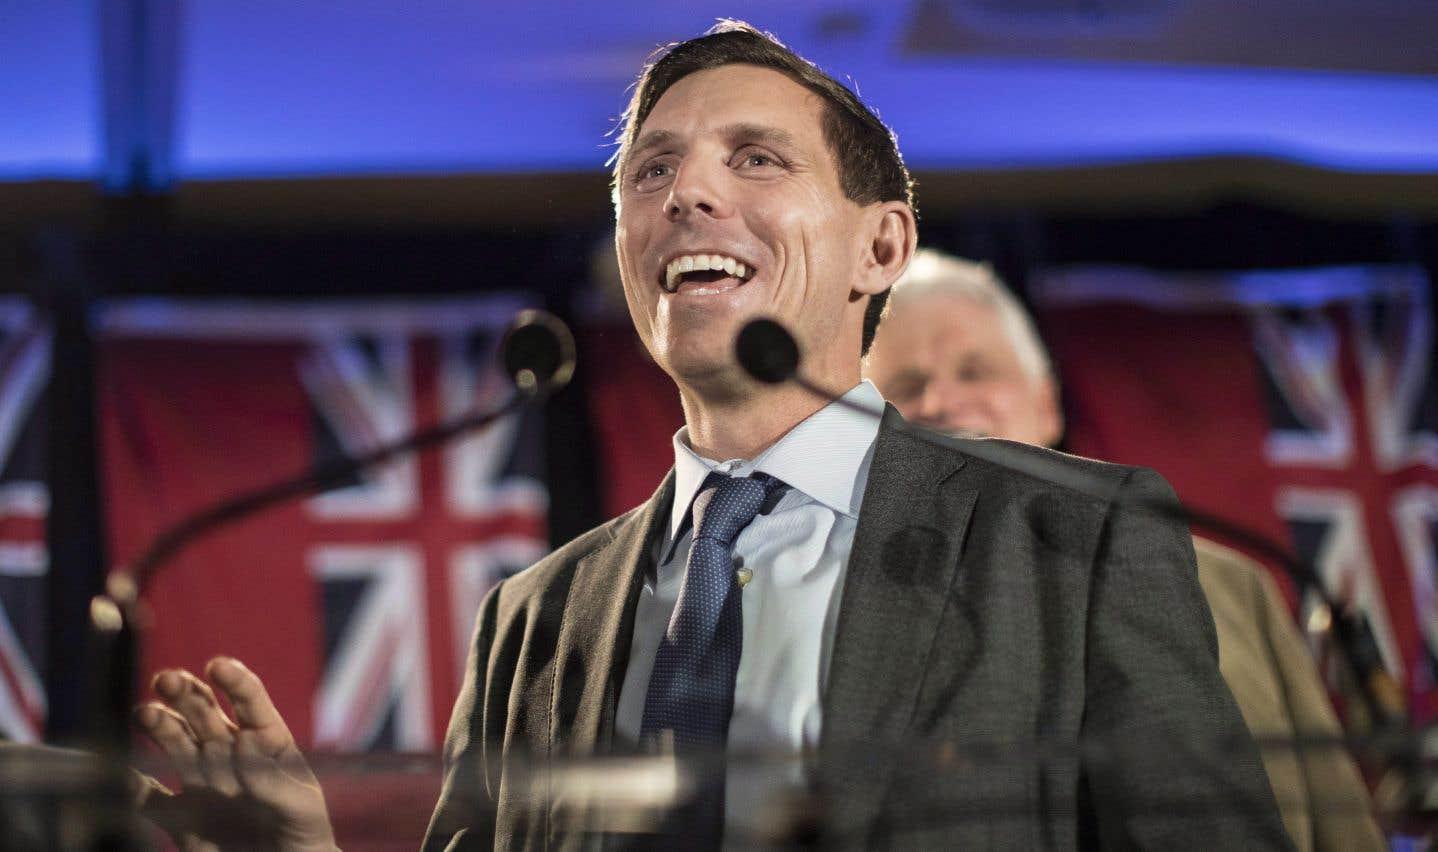 La démission — puis de la tentative de retour — du chef Patrick Brown pour inconduite sexuelle propulsent le Parti conservateur de l'Ontario vers le sommet.